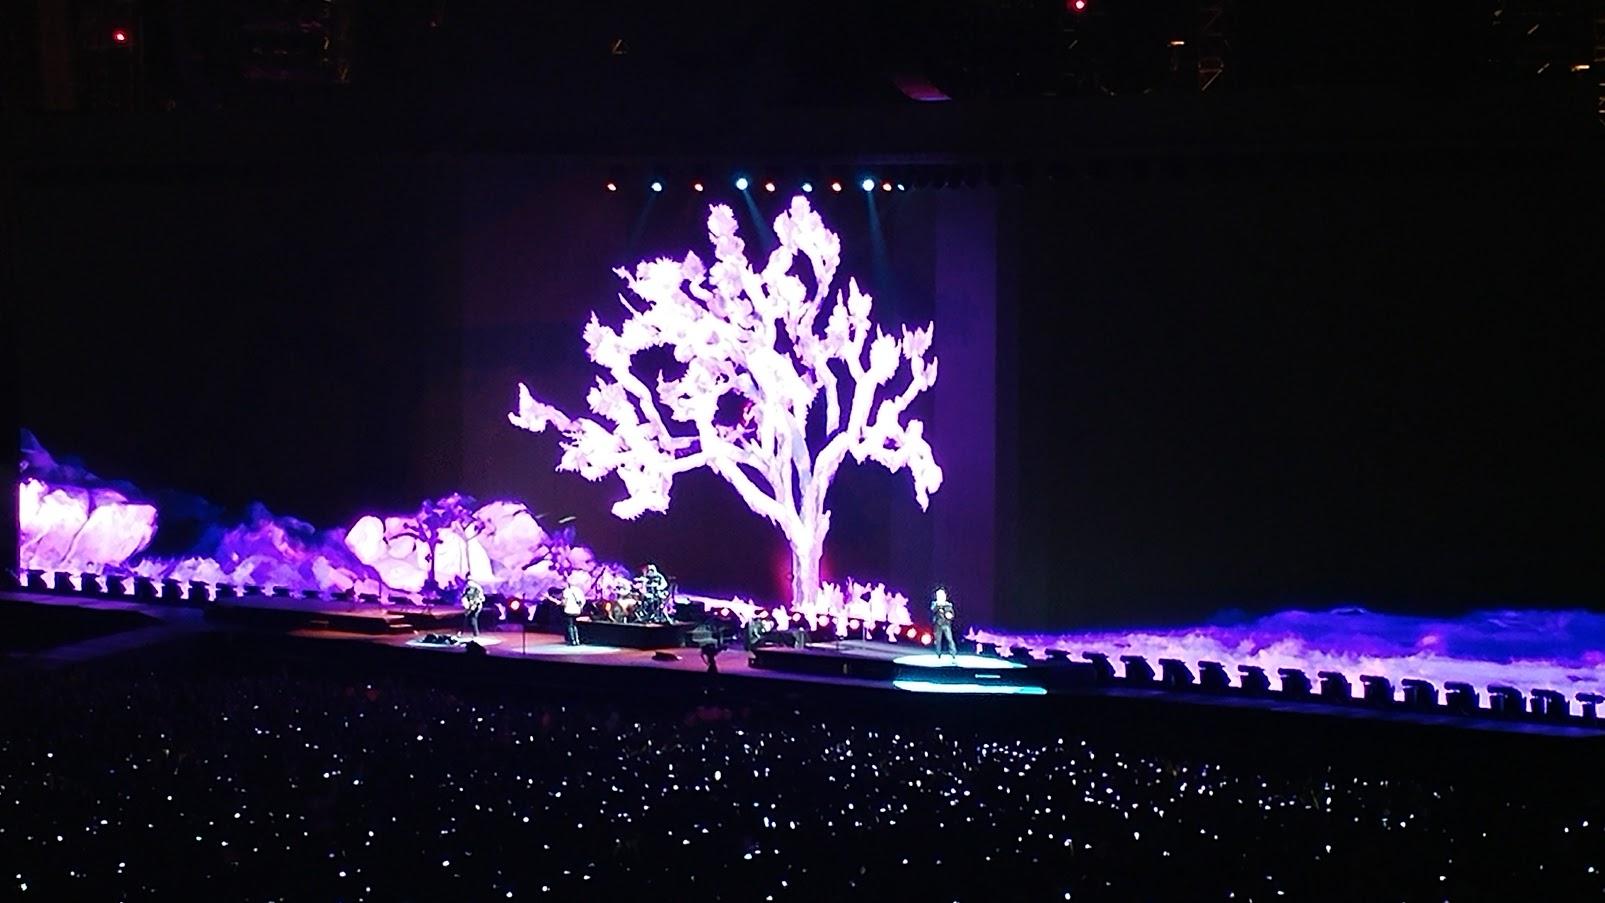 הופעה של להקת U2 ברומא